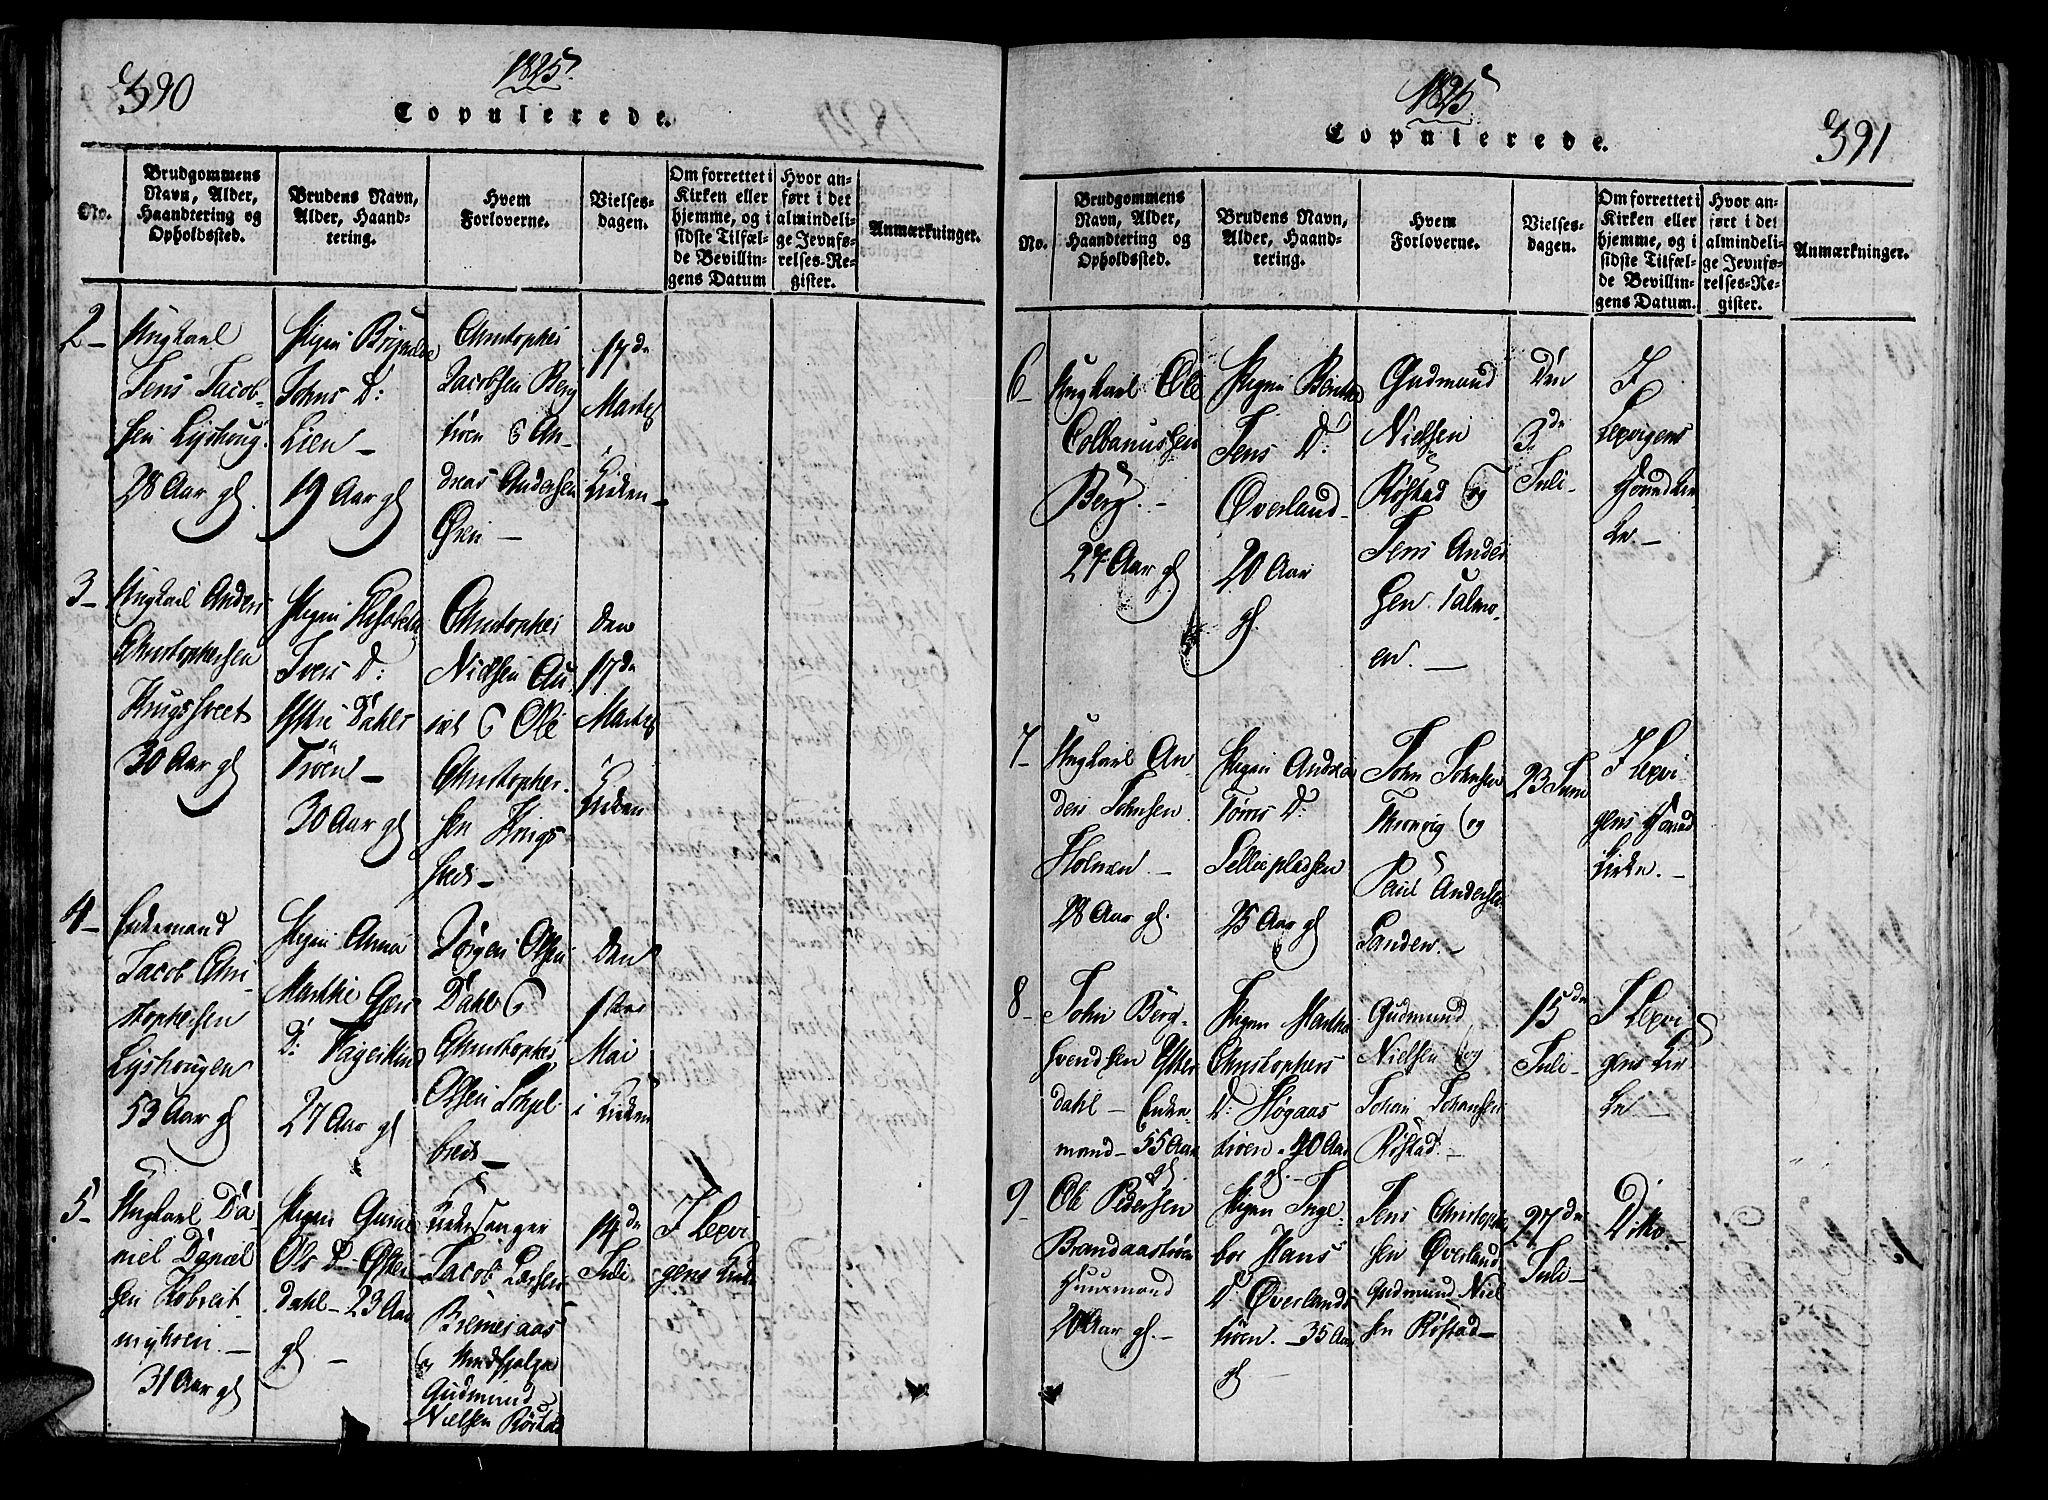 SAT, Ministerialprotokoller, klokkerbøker og fødselsregistre - Nord-Trøndelag, 701/L0005: Ministerialbok nr. 701A05 /1, 1816-1825, s. 390-391